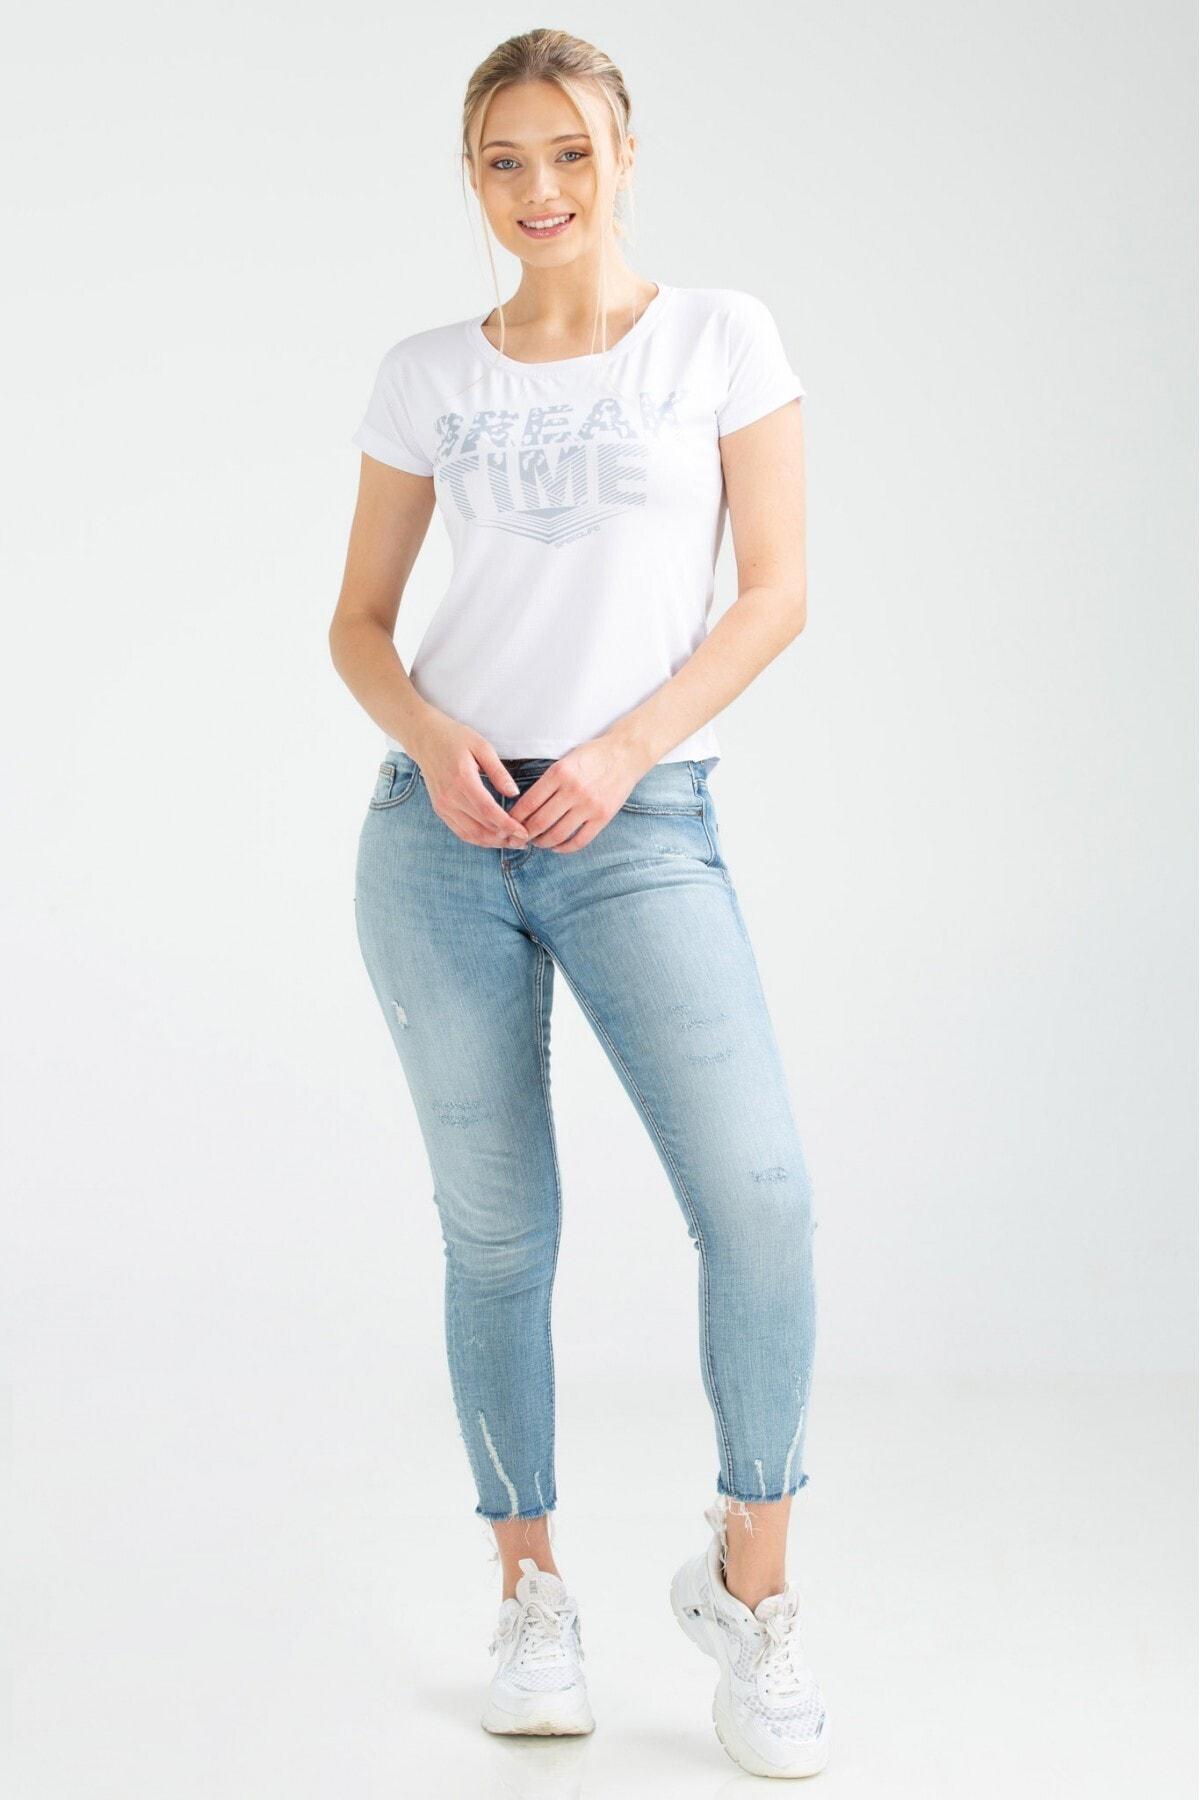 speedlife Kadın Tişört Bream Beyaz 2